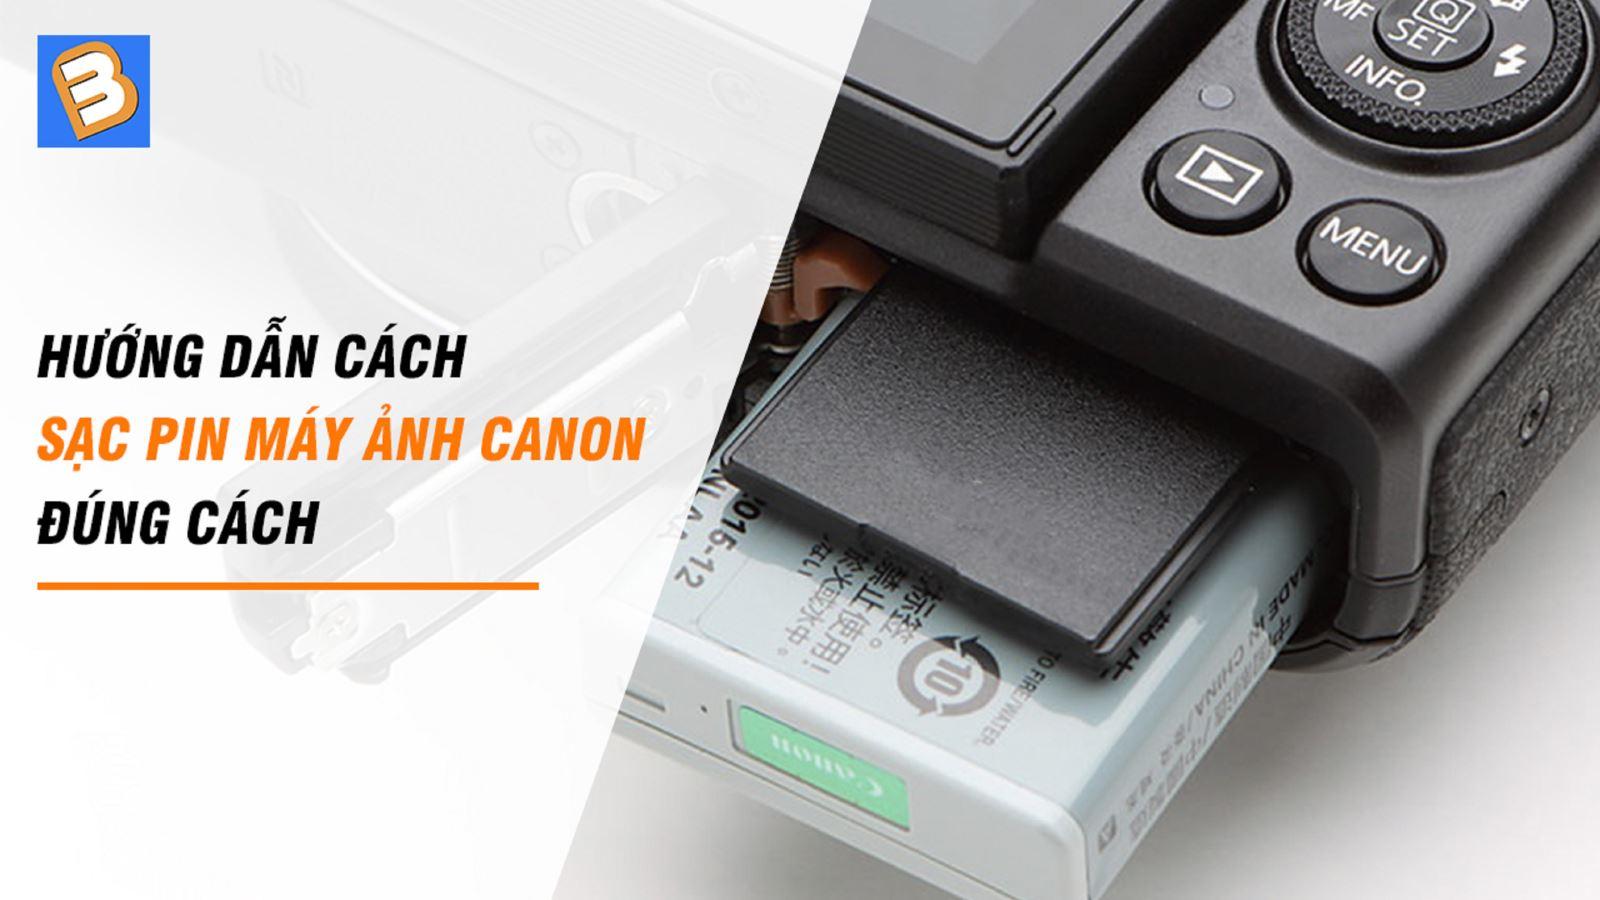 Hướng dẫncách sạc pin máy ảnh Canon đúng cách